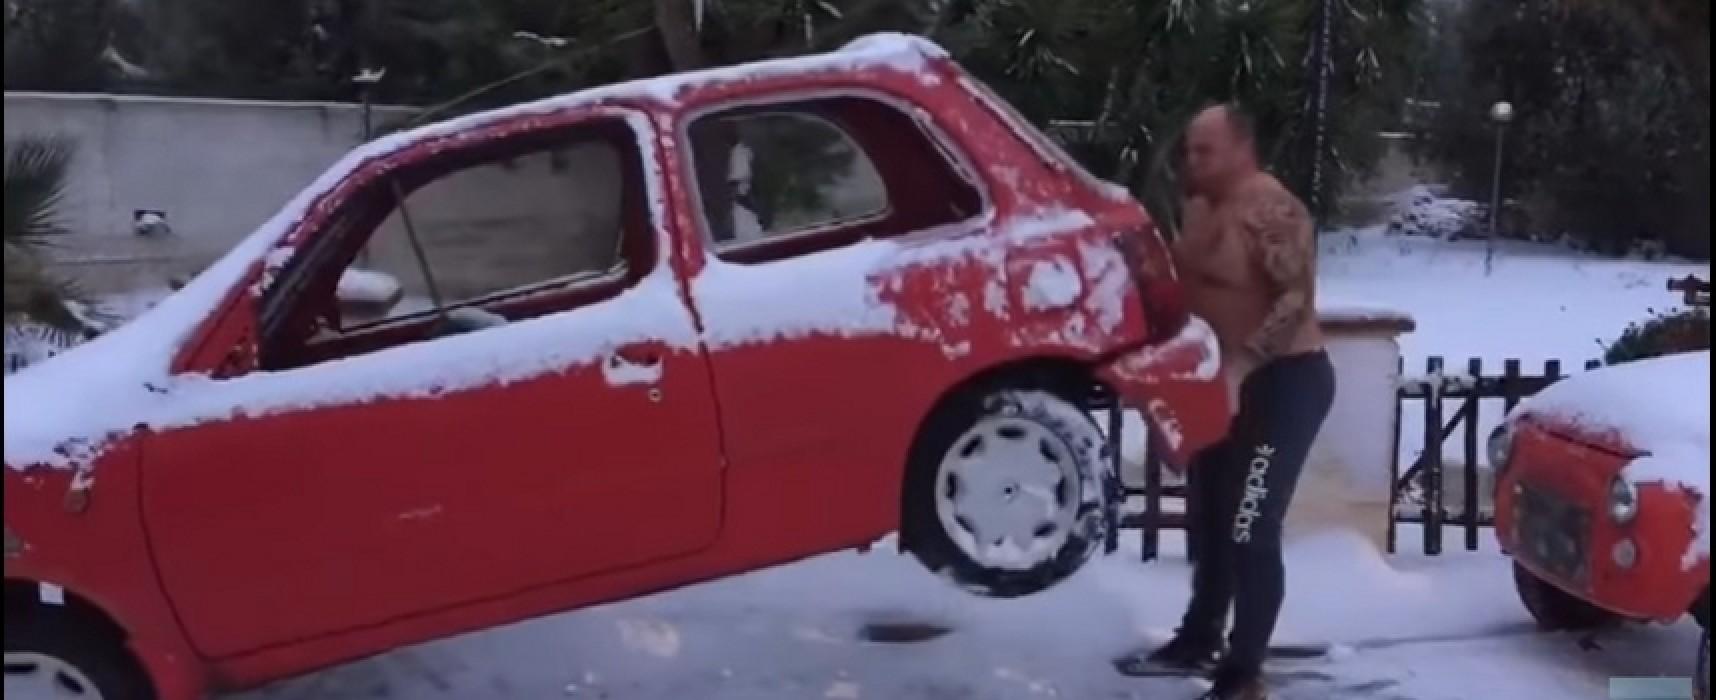 Cosimo Ferrucci solleva auto a torso nudo sotto la neve e il video diventa virale